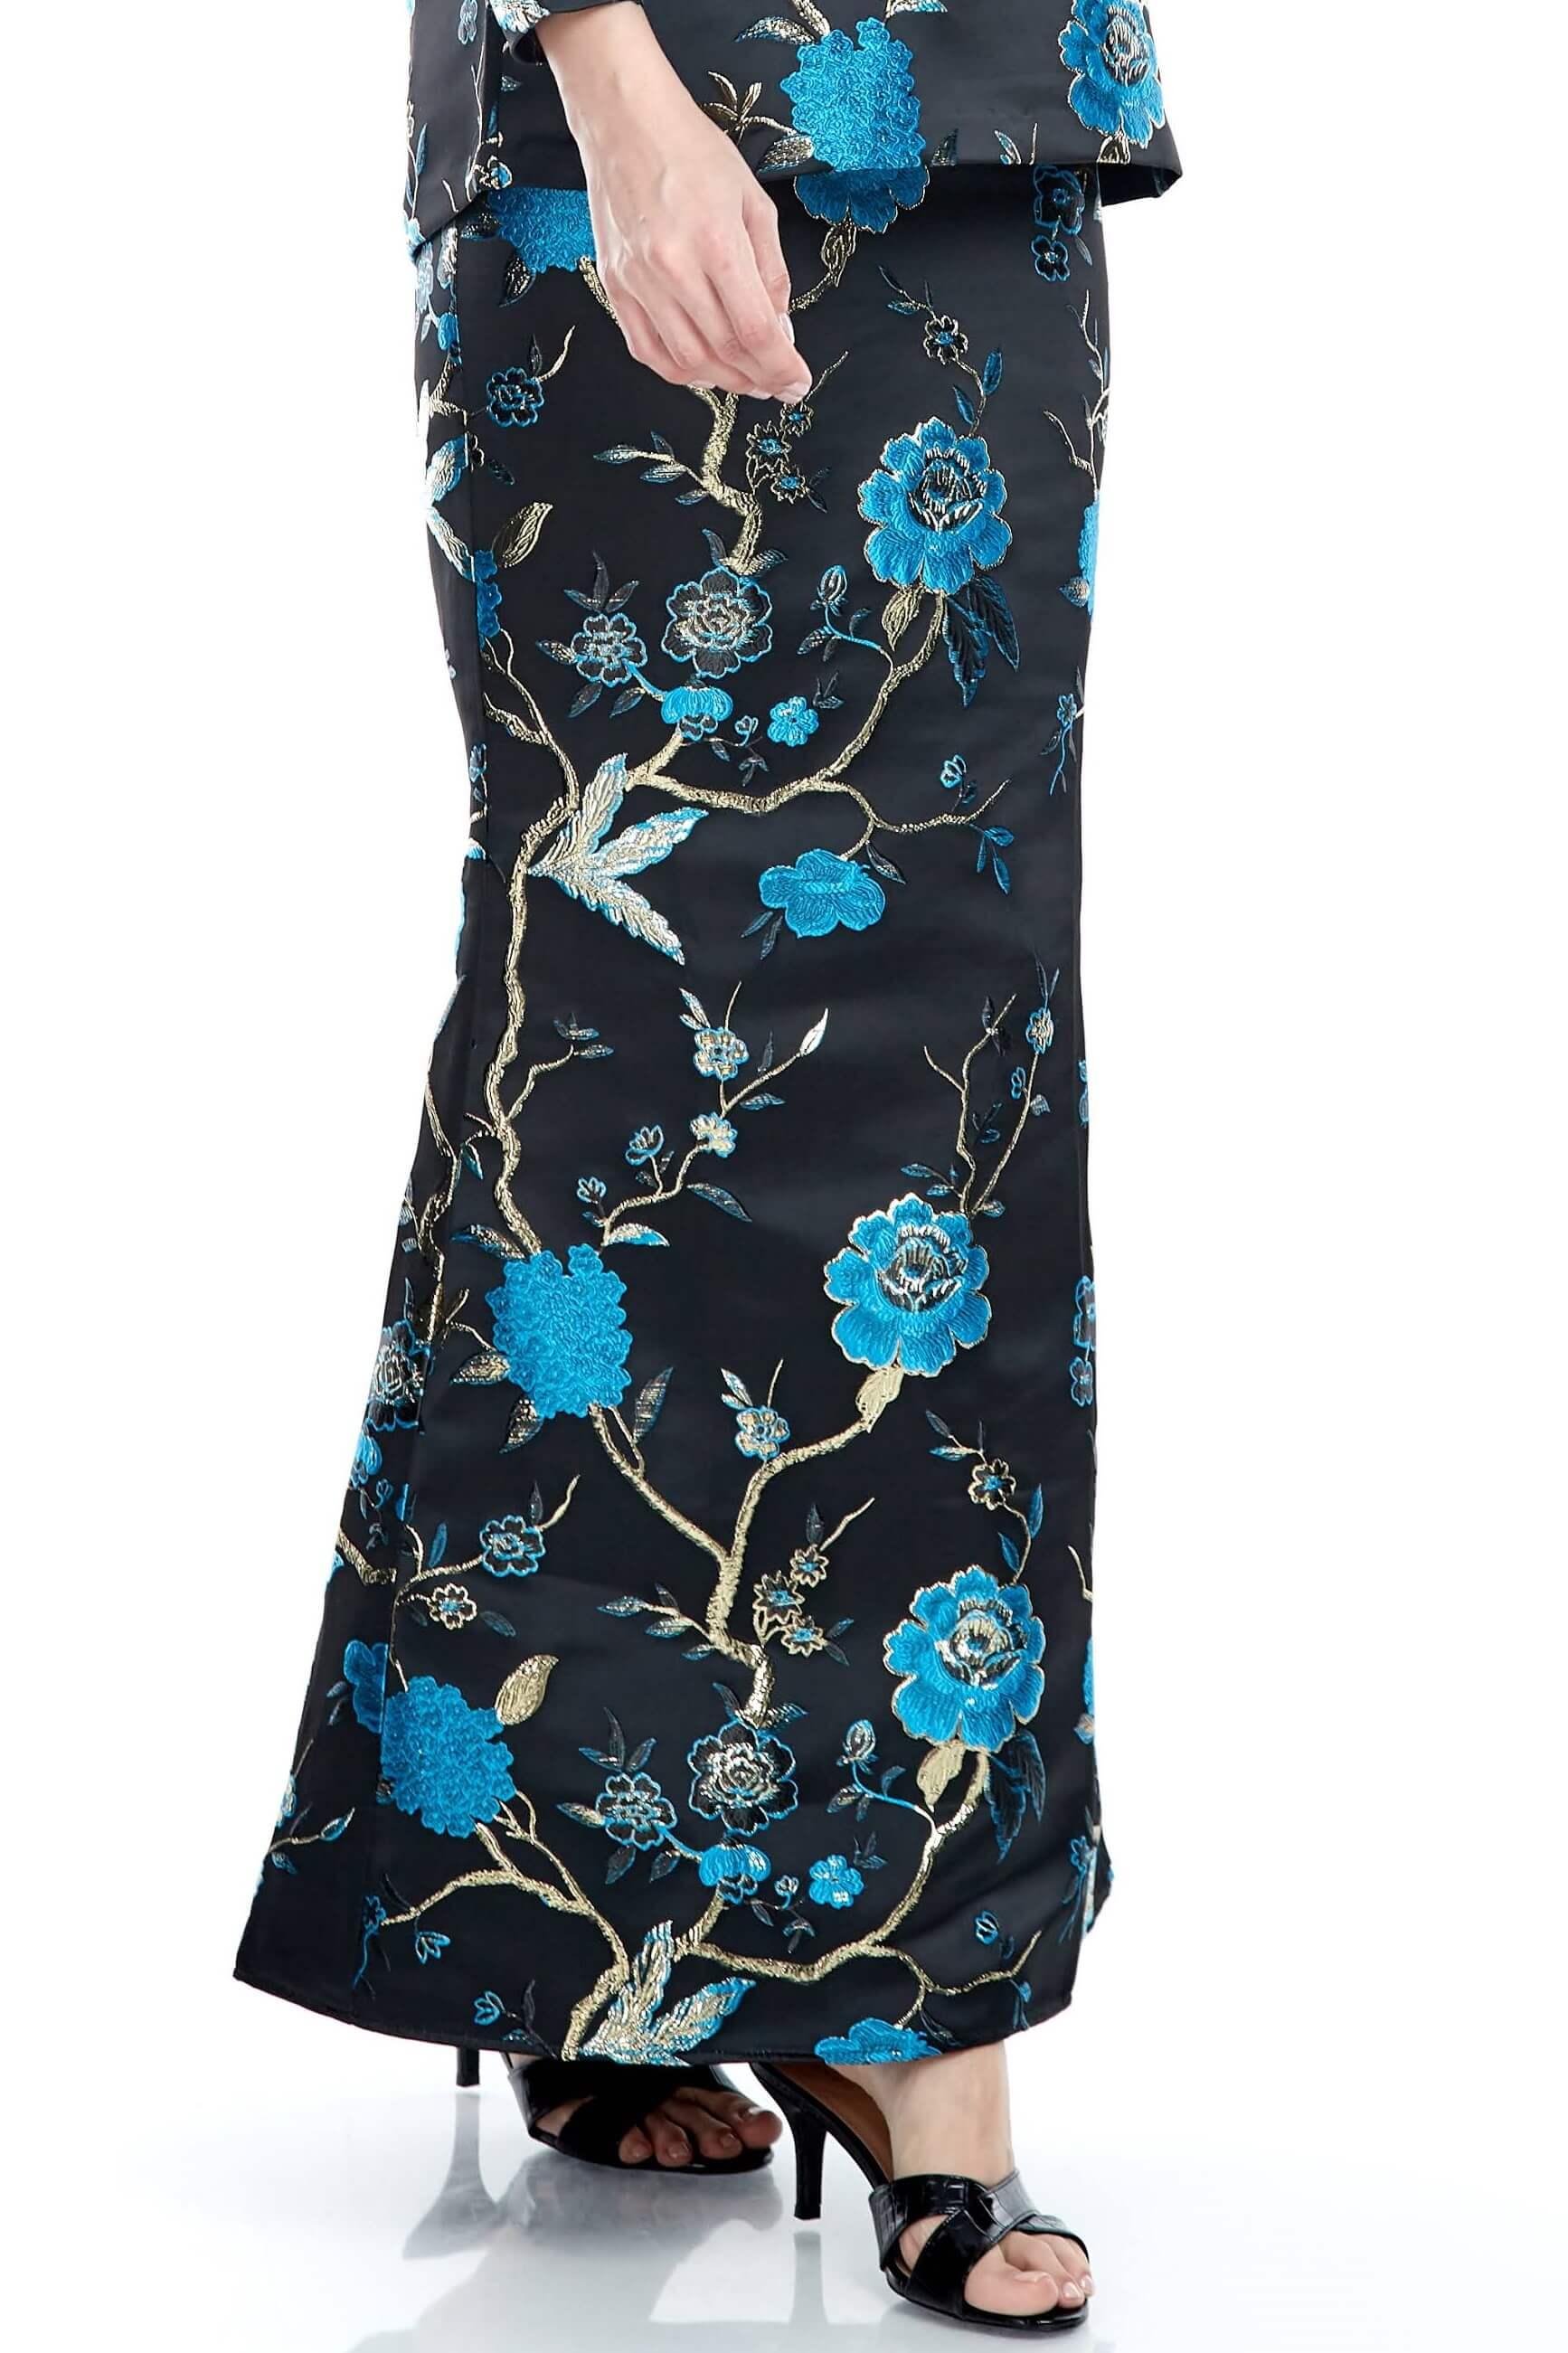 Black-Blue Floral Mermaid Skirt (6)